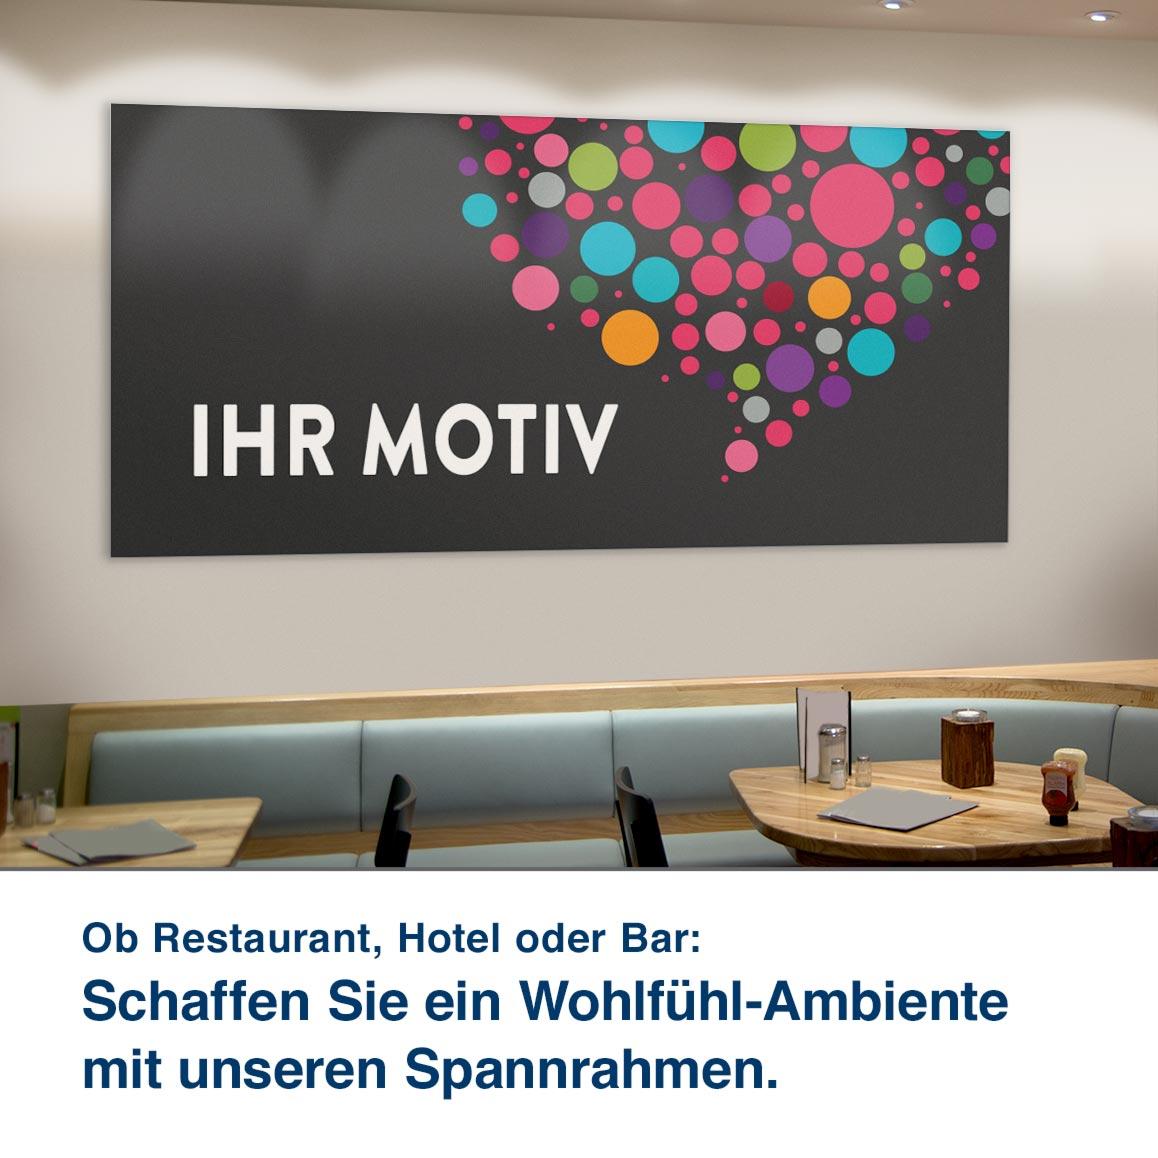 Ob Restaurant, Hotel oder Bar:  Schaffen Sie ein Wohlfühl-Ambiente mit unseren Spannrahmen.